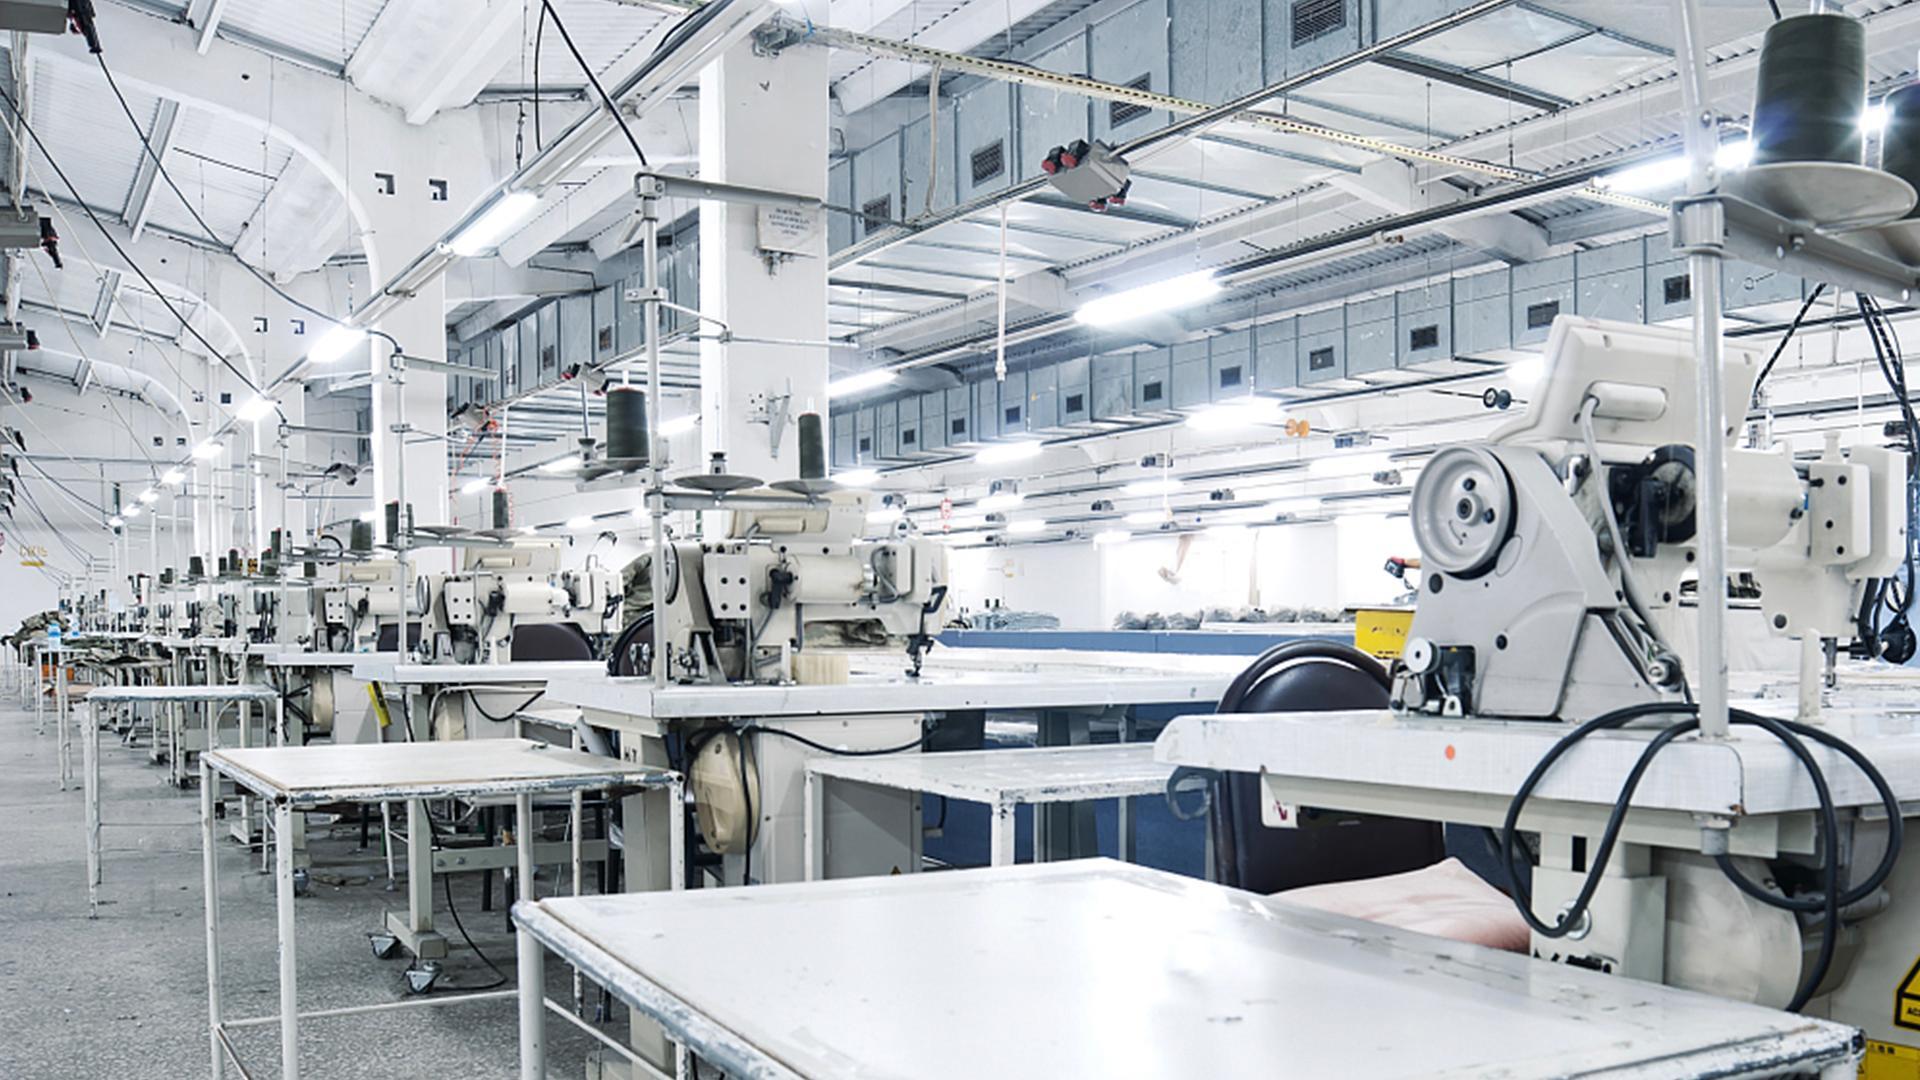 В Лос-Анджелесе появилась автоматизированная фабрика по производству одежды